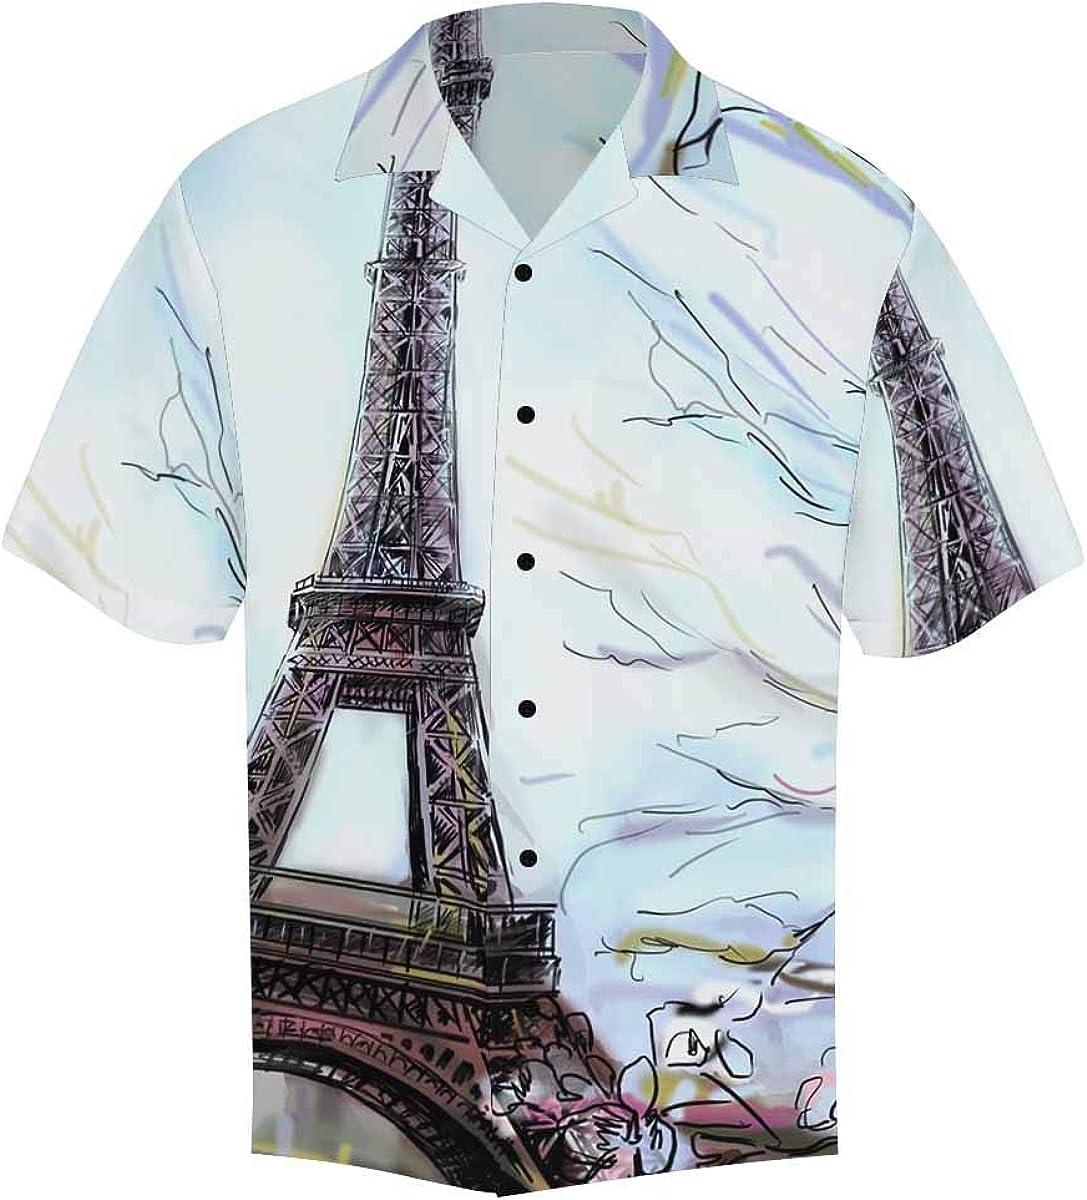 InterestPrint Men's Casual Button Down Short Sleeve Florals Eiffel Tower Hawaiian Shirt (S-5XL)